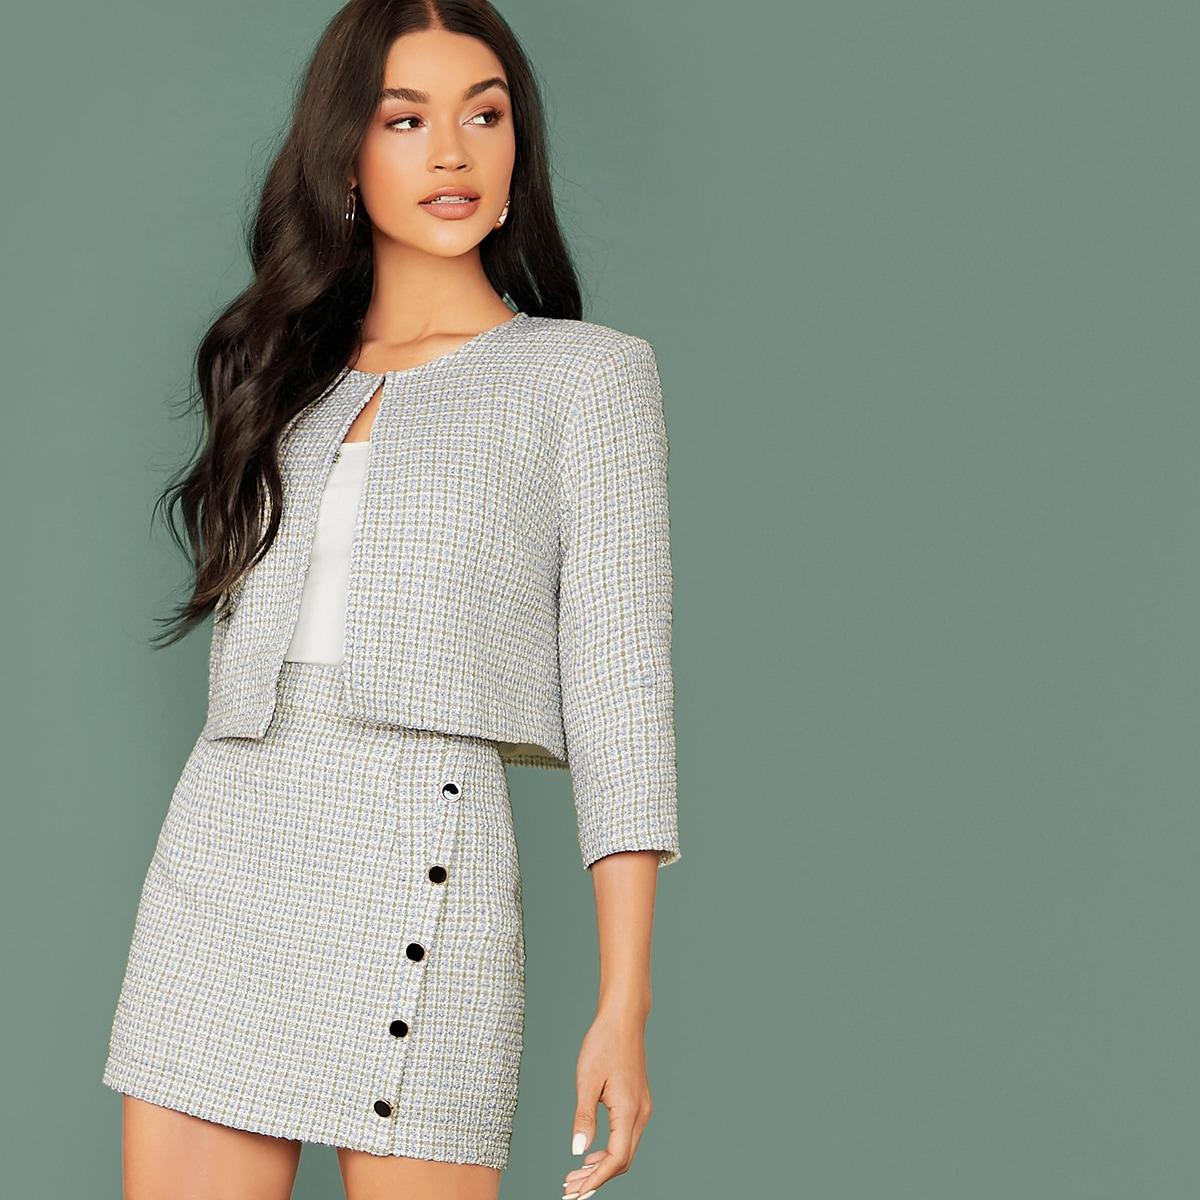 Твидовая куртка в клетку и облегающая юбка на пуговицах